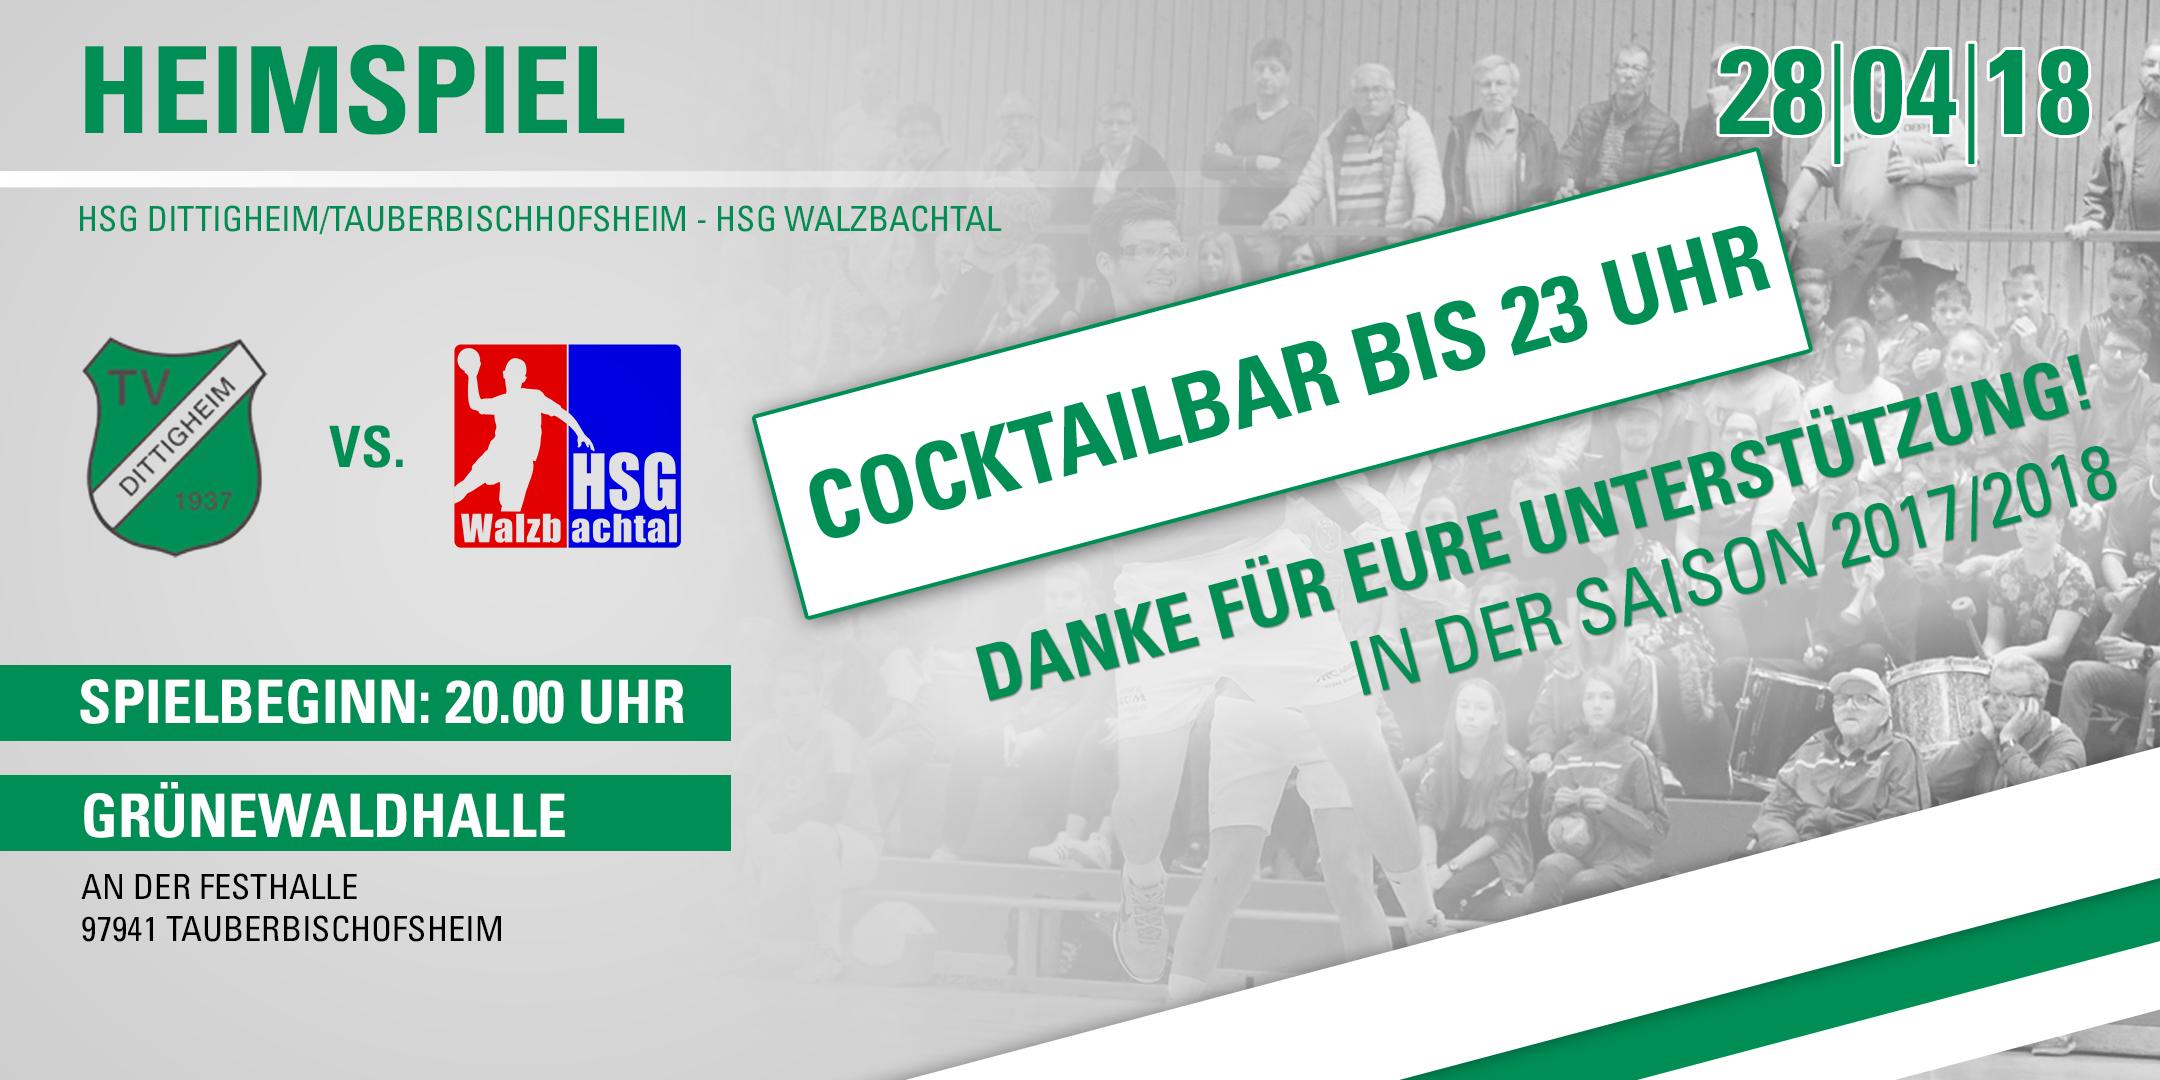 HSG_WalzbachtalNEU